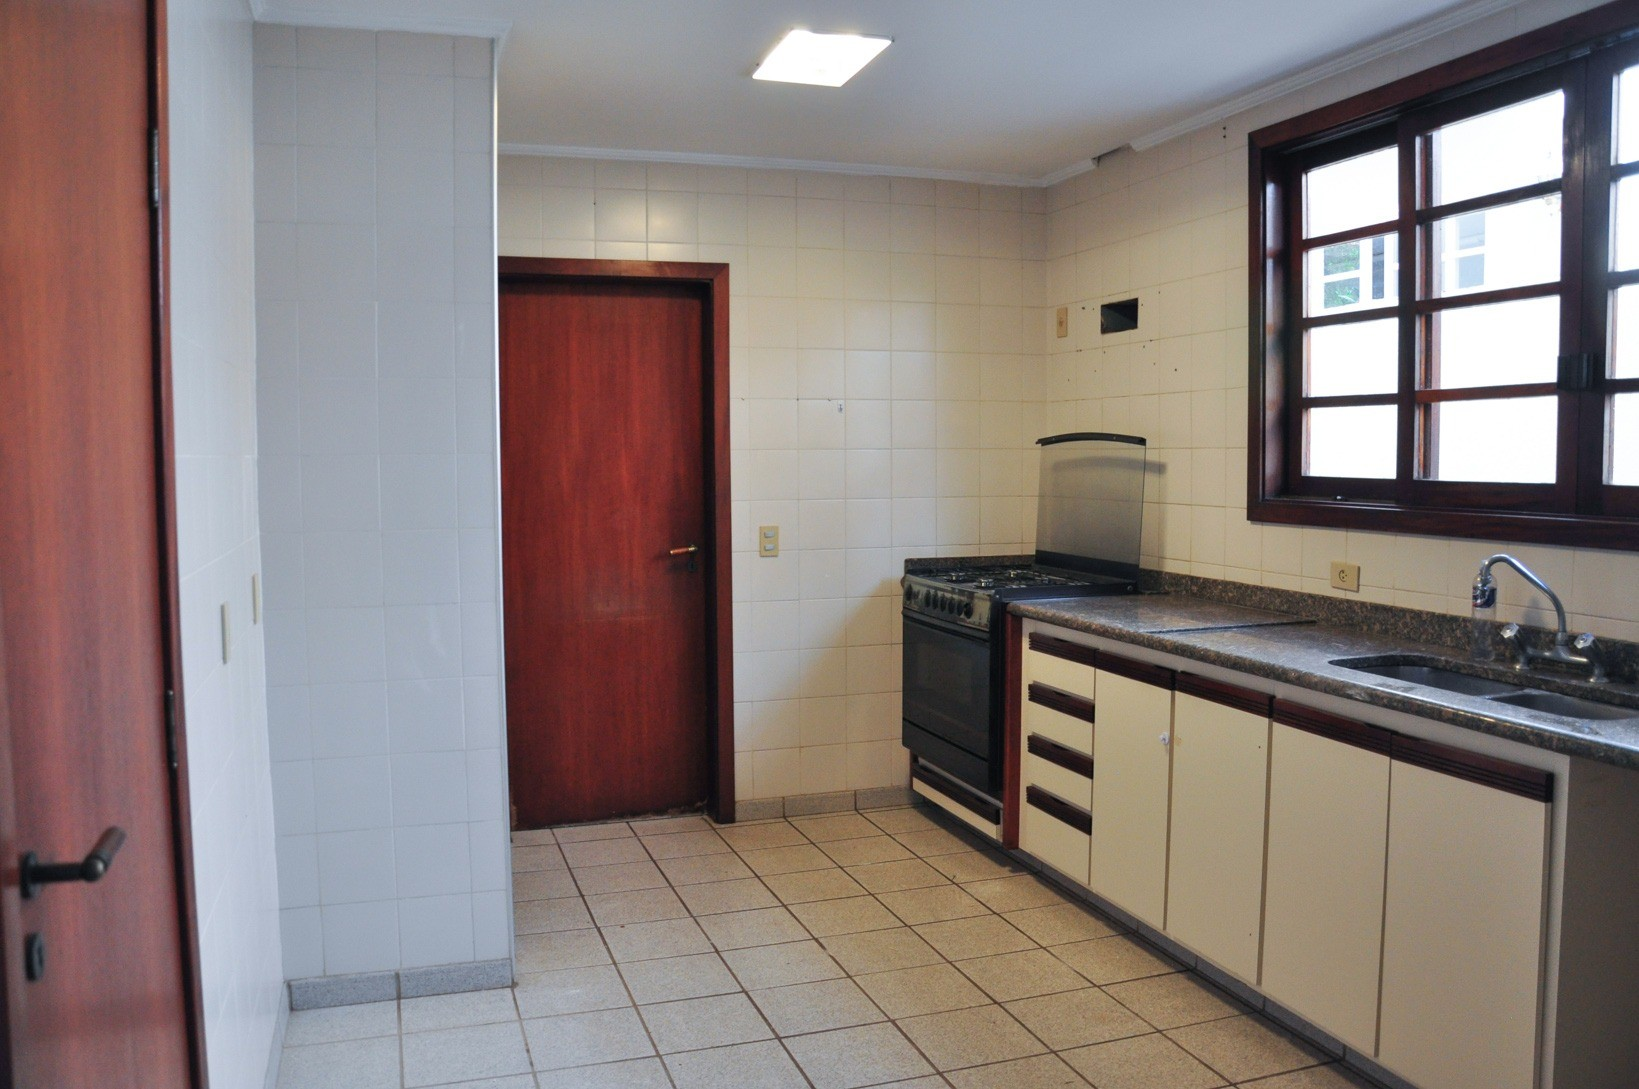 Sobrado de 3 dormitórios em Chacara Da Barra, Campinas - SP